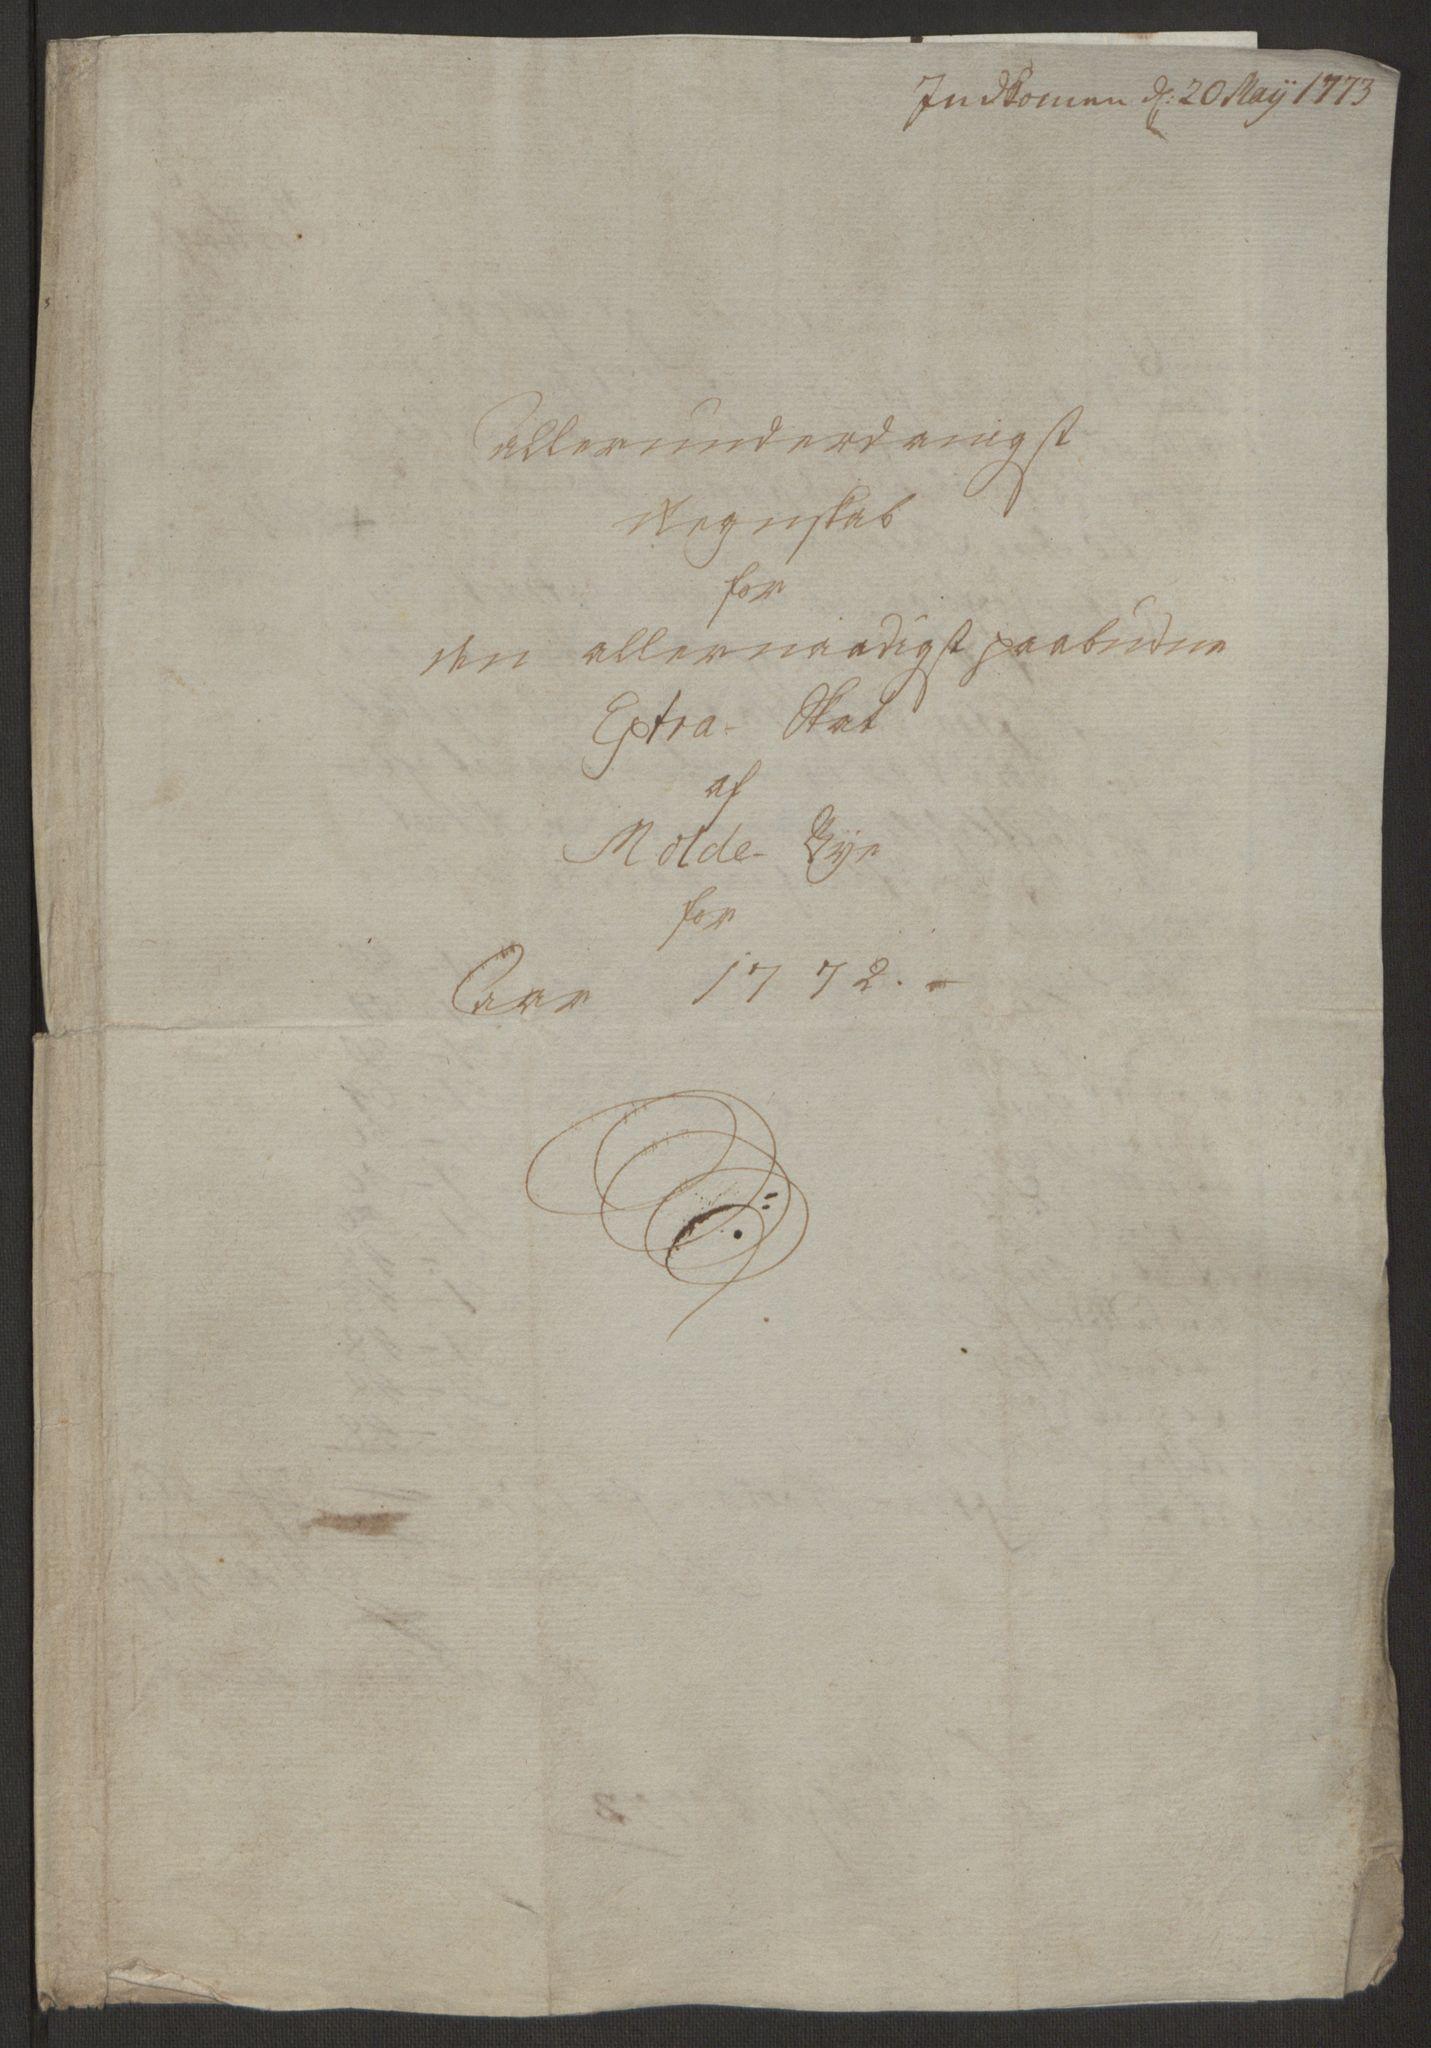 RA, Rentekammeret inntil 1814, Reviderte regnskaper, Byregnskaper, R/Rq/L0487: [Q1] Kontribusjonsregnskap, 1762-1772, s. 211